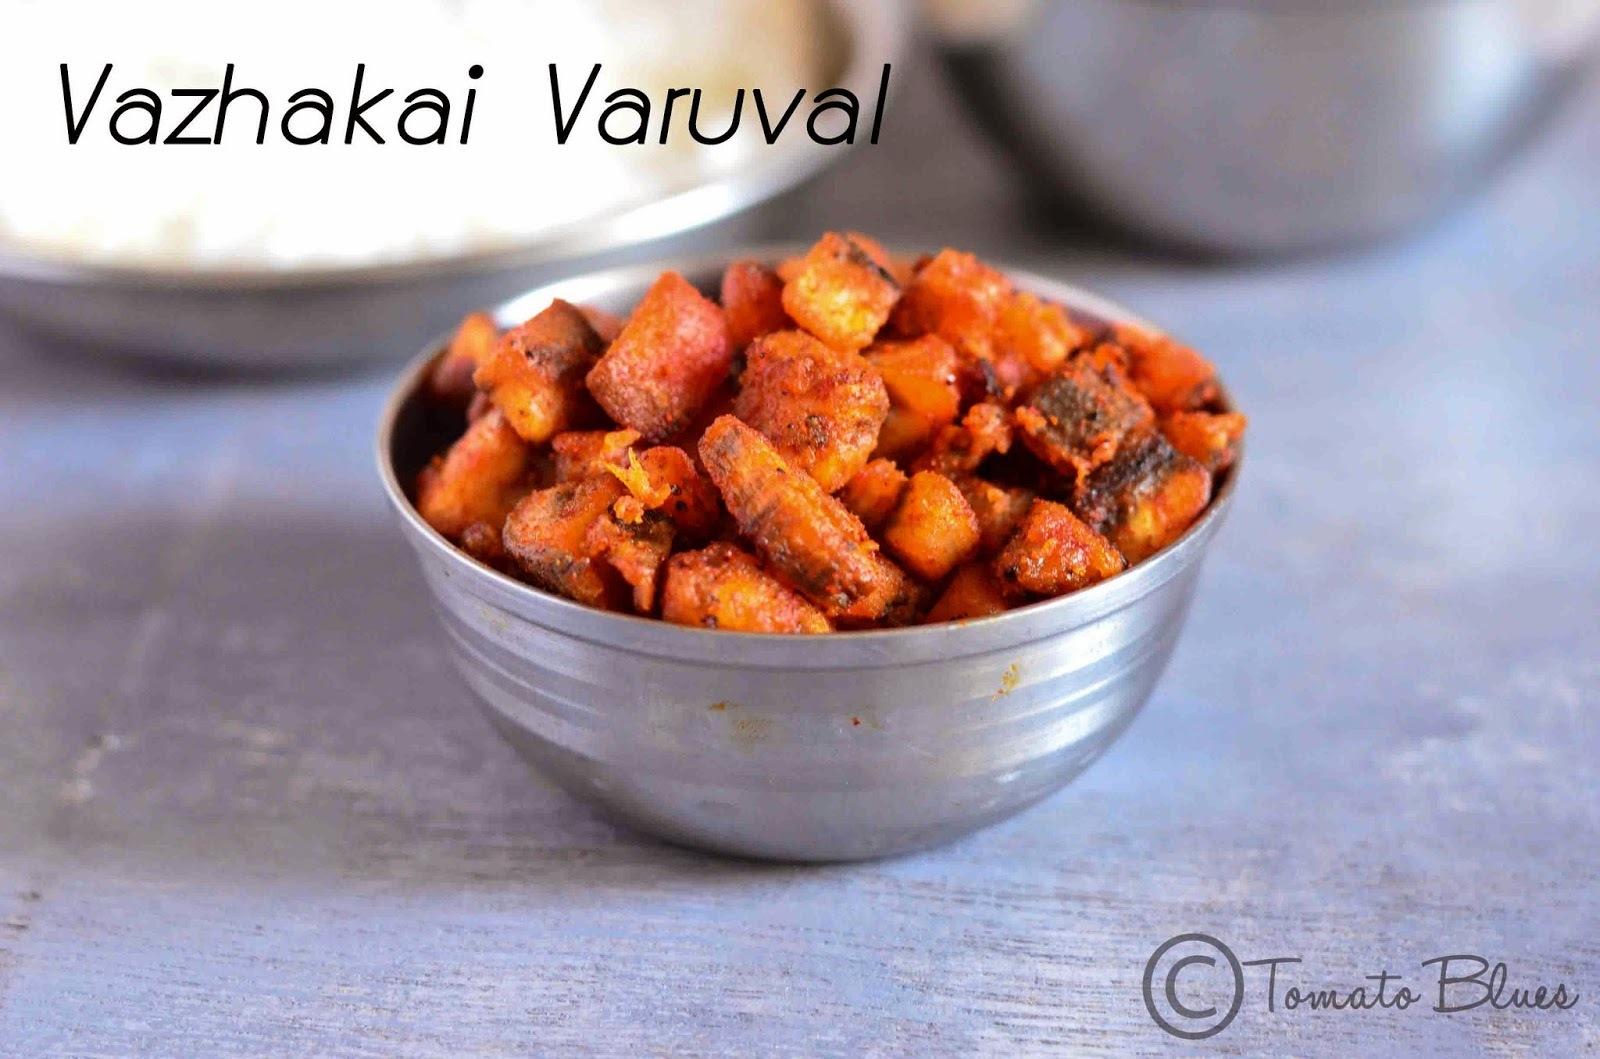 Vazhakai Varuval Recipe| Poriyal And Thoran Recipes